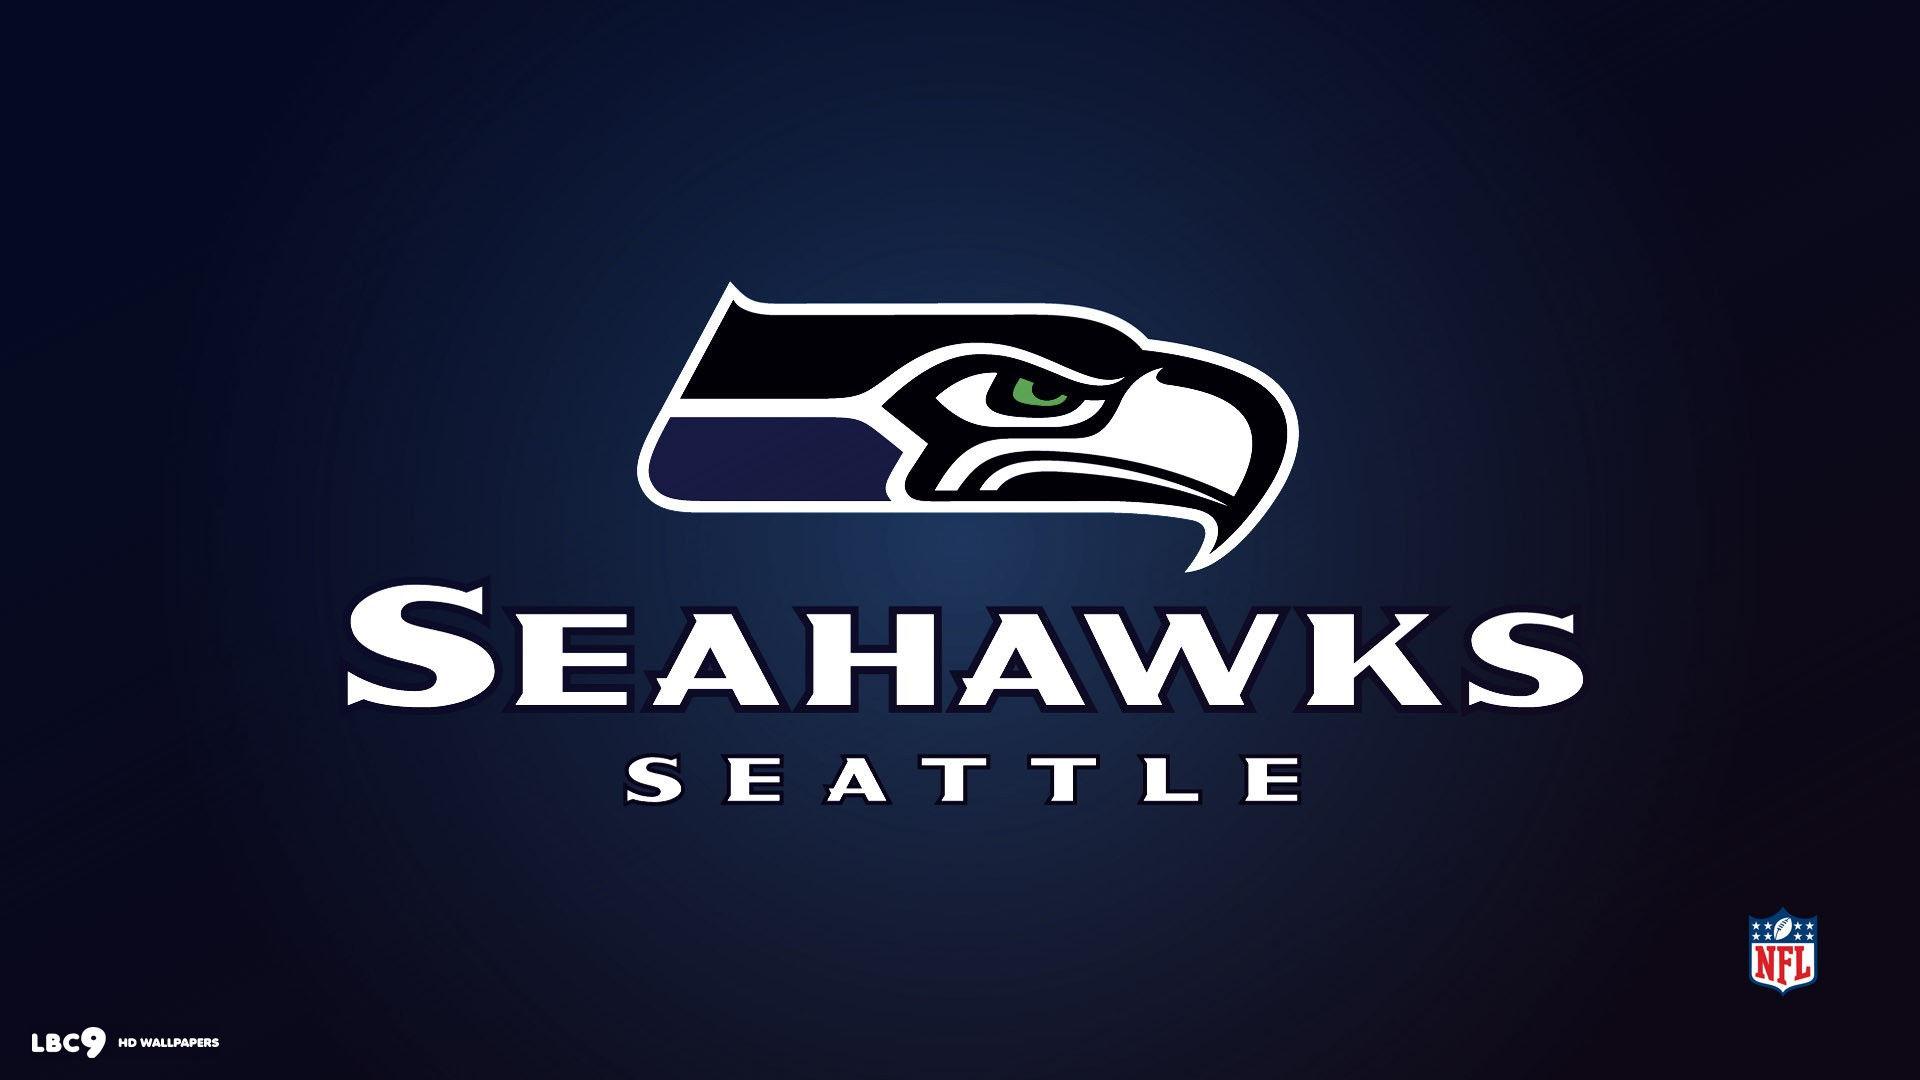 seattle seahawks logo 1920×1080